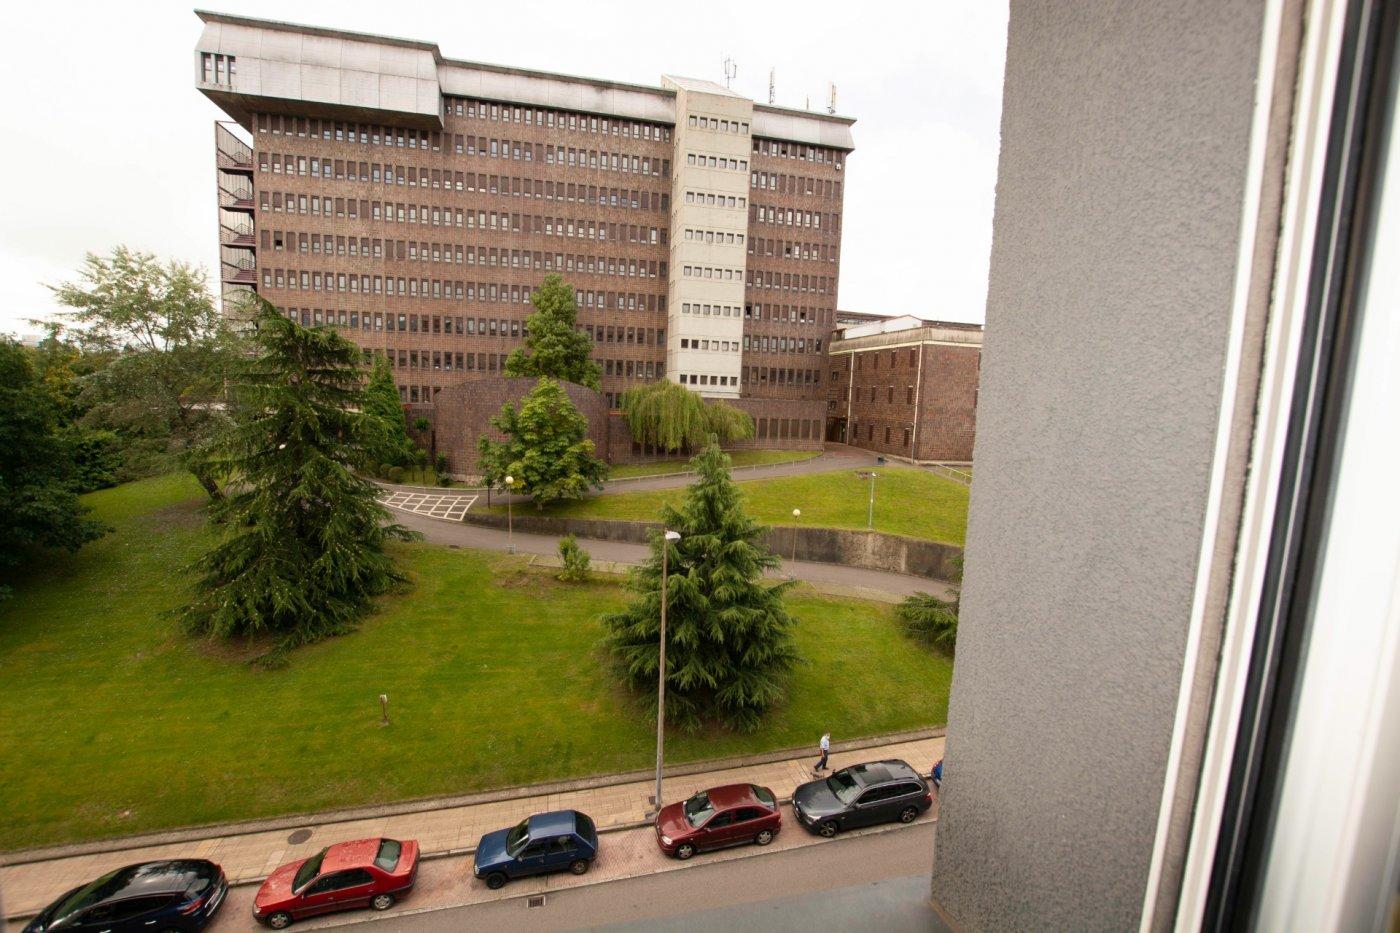 Cercano al campus del cristo - imagenInmueble21